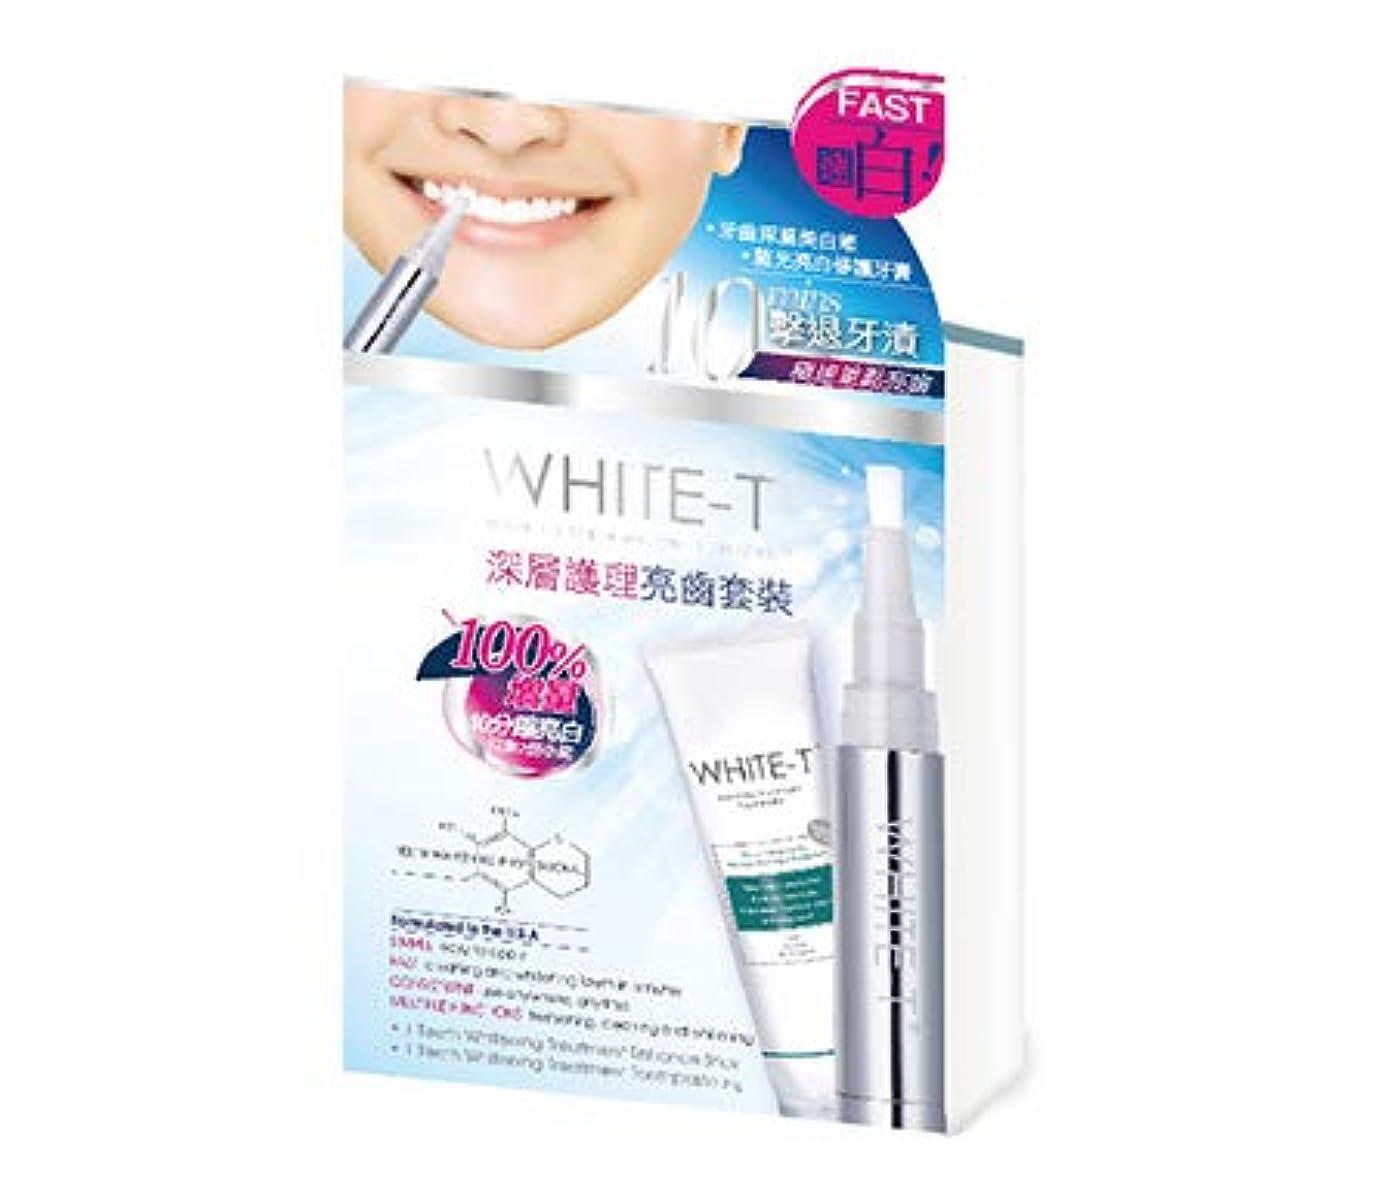 保存リンケージディプロマWHITE-T ホワイトニング ペンタイプ(4ml) +ホワイトニング歯磨き粉(30g) 並行輸入品